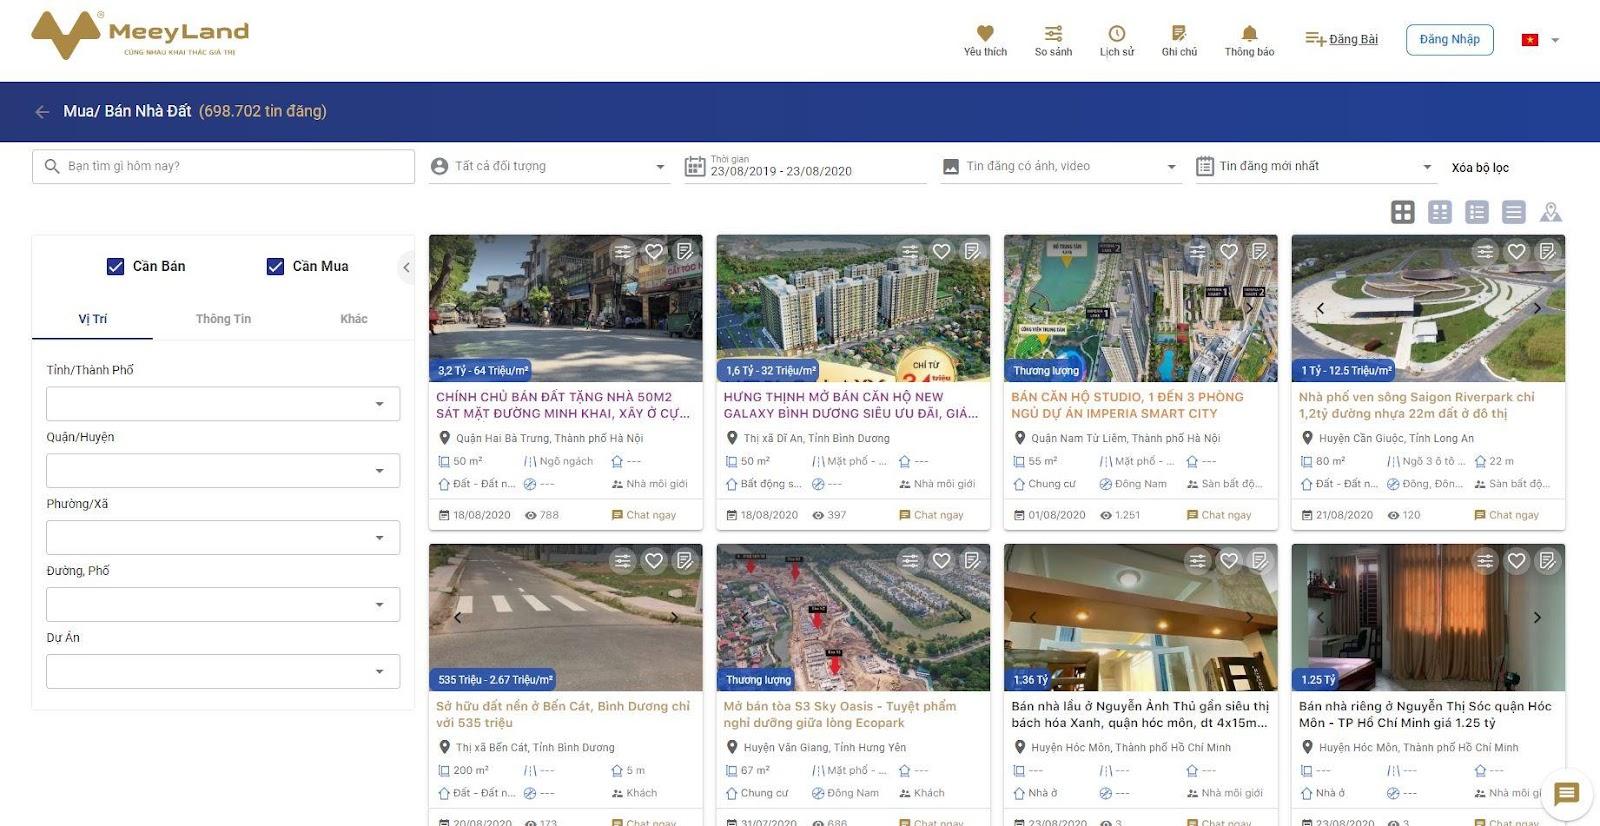 Trang website có lượng lớn tin đăng mua bán nhà đất